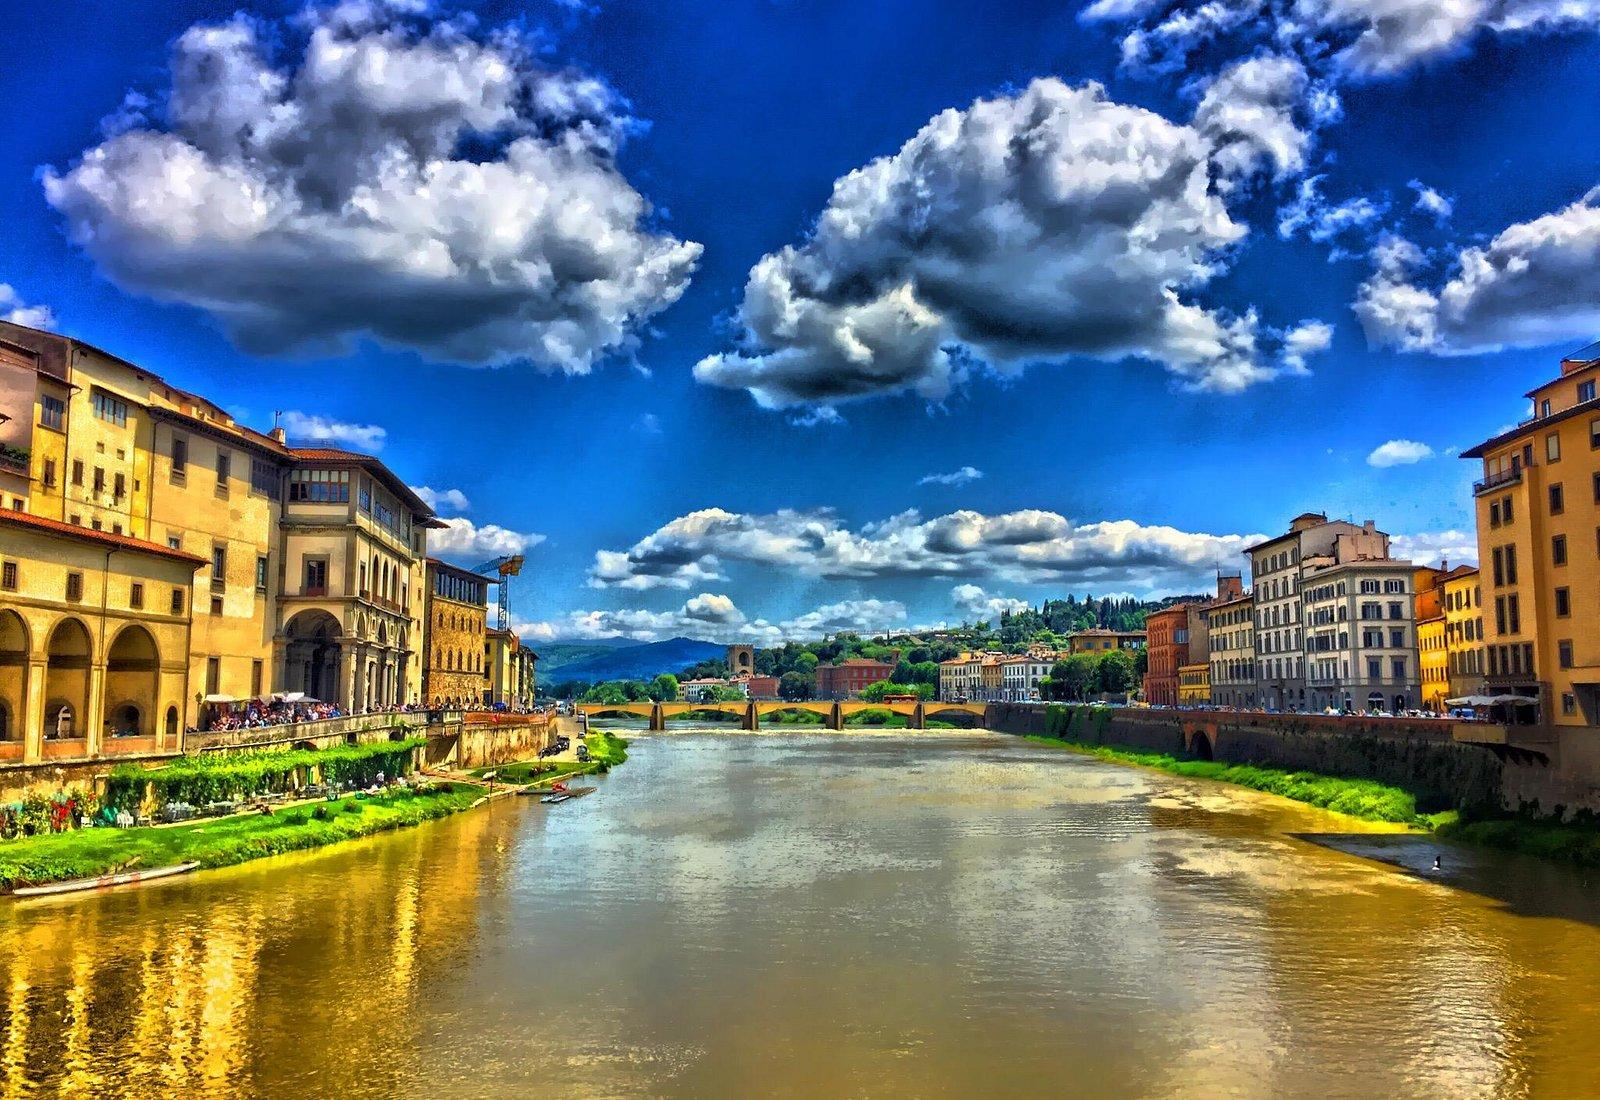 Tuscany 2021: Best of Tuscany, Italy Tourism - Tripadvisor